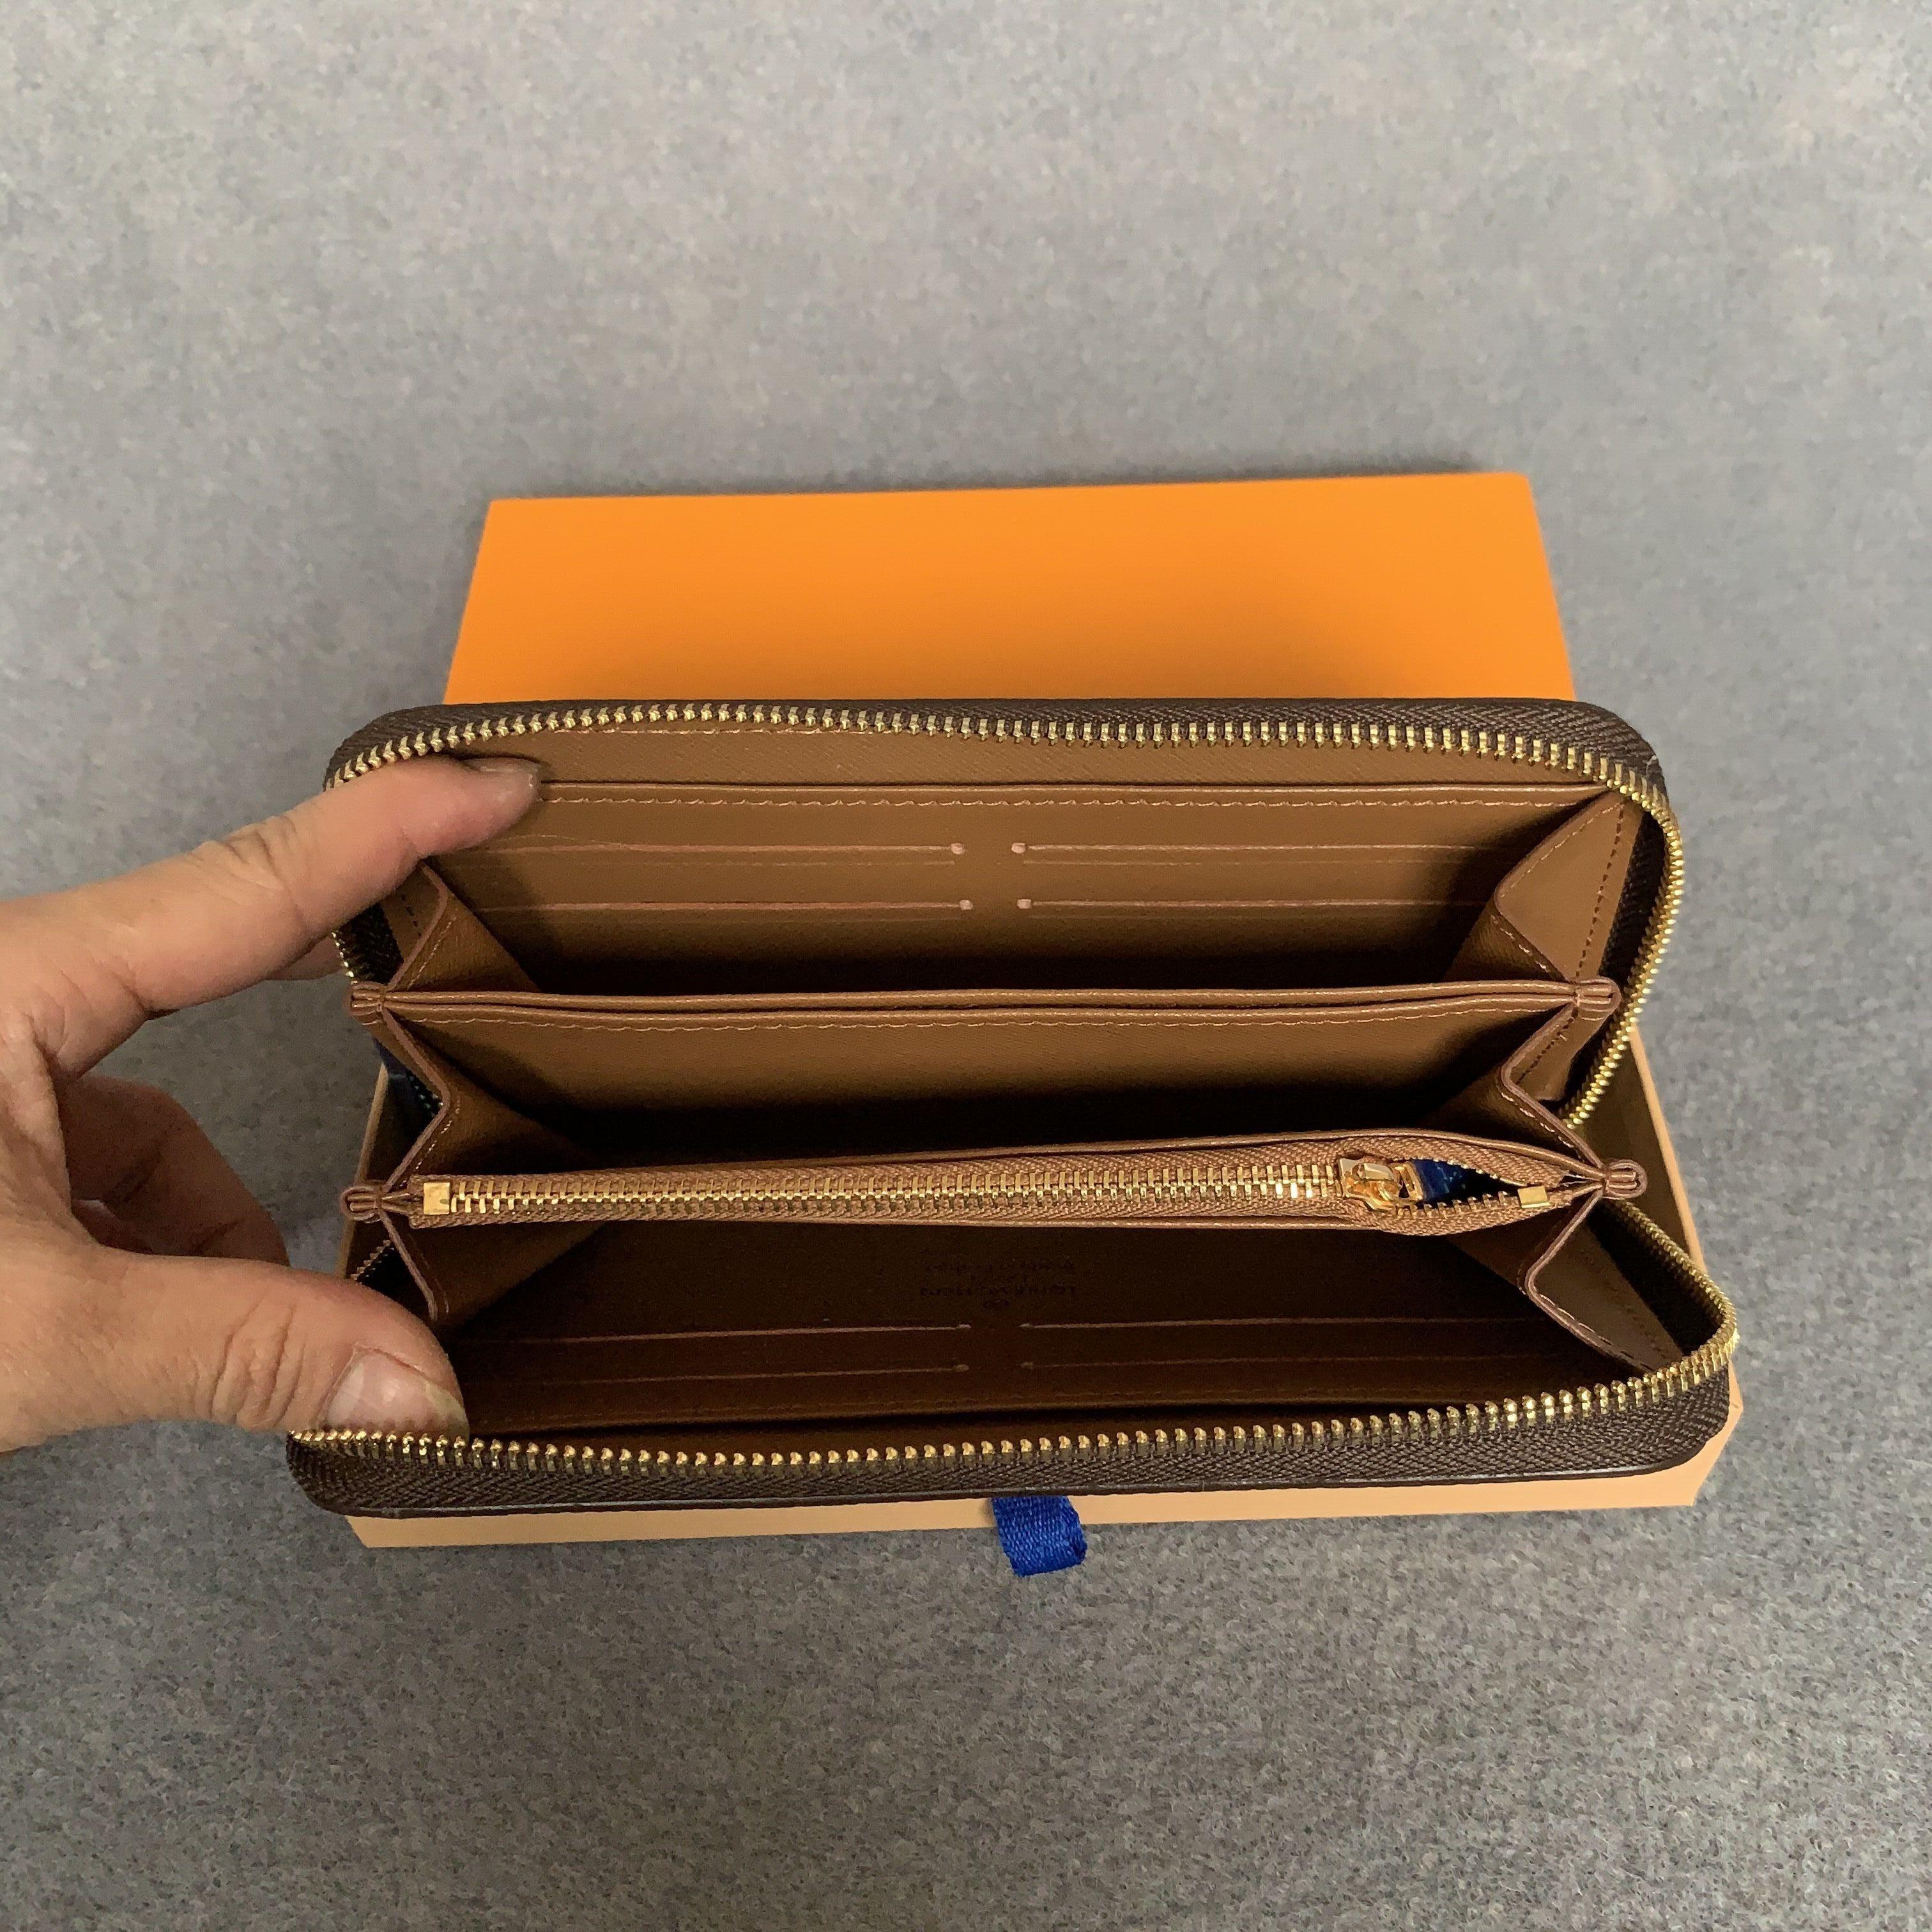 الجملة جودة عالية الأزياء محفظة واحدة سستة مصمم الرجال النساء محافظ جلدية سيدة السيدات محفظة طويلة مع بطاقة مربع البرتقال 60017